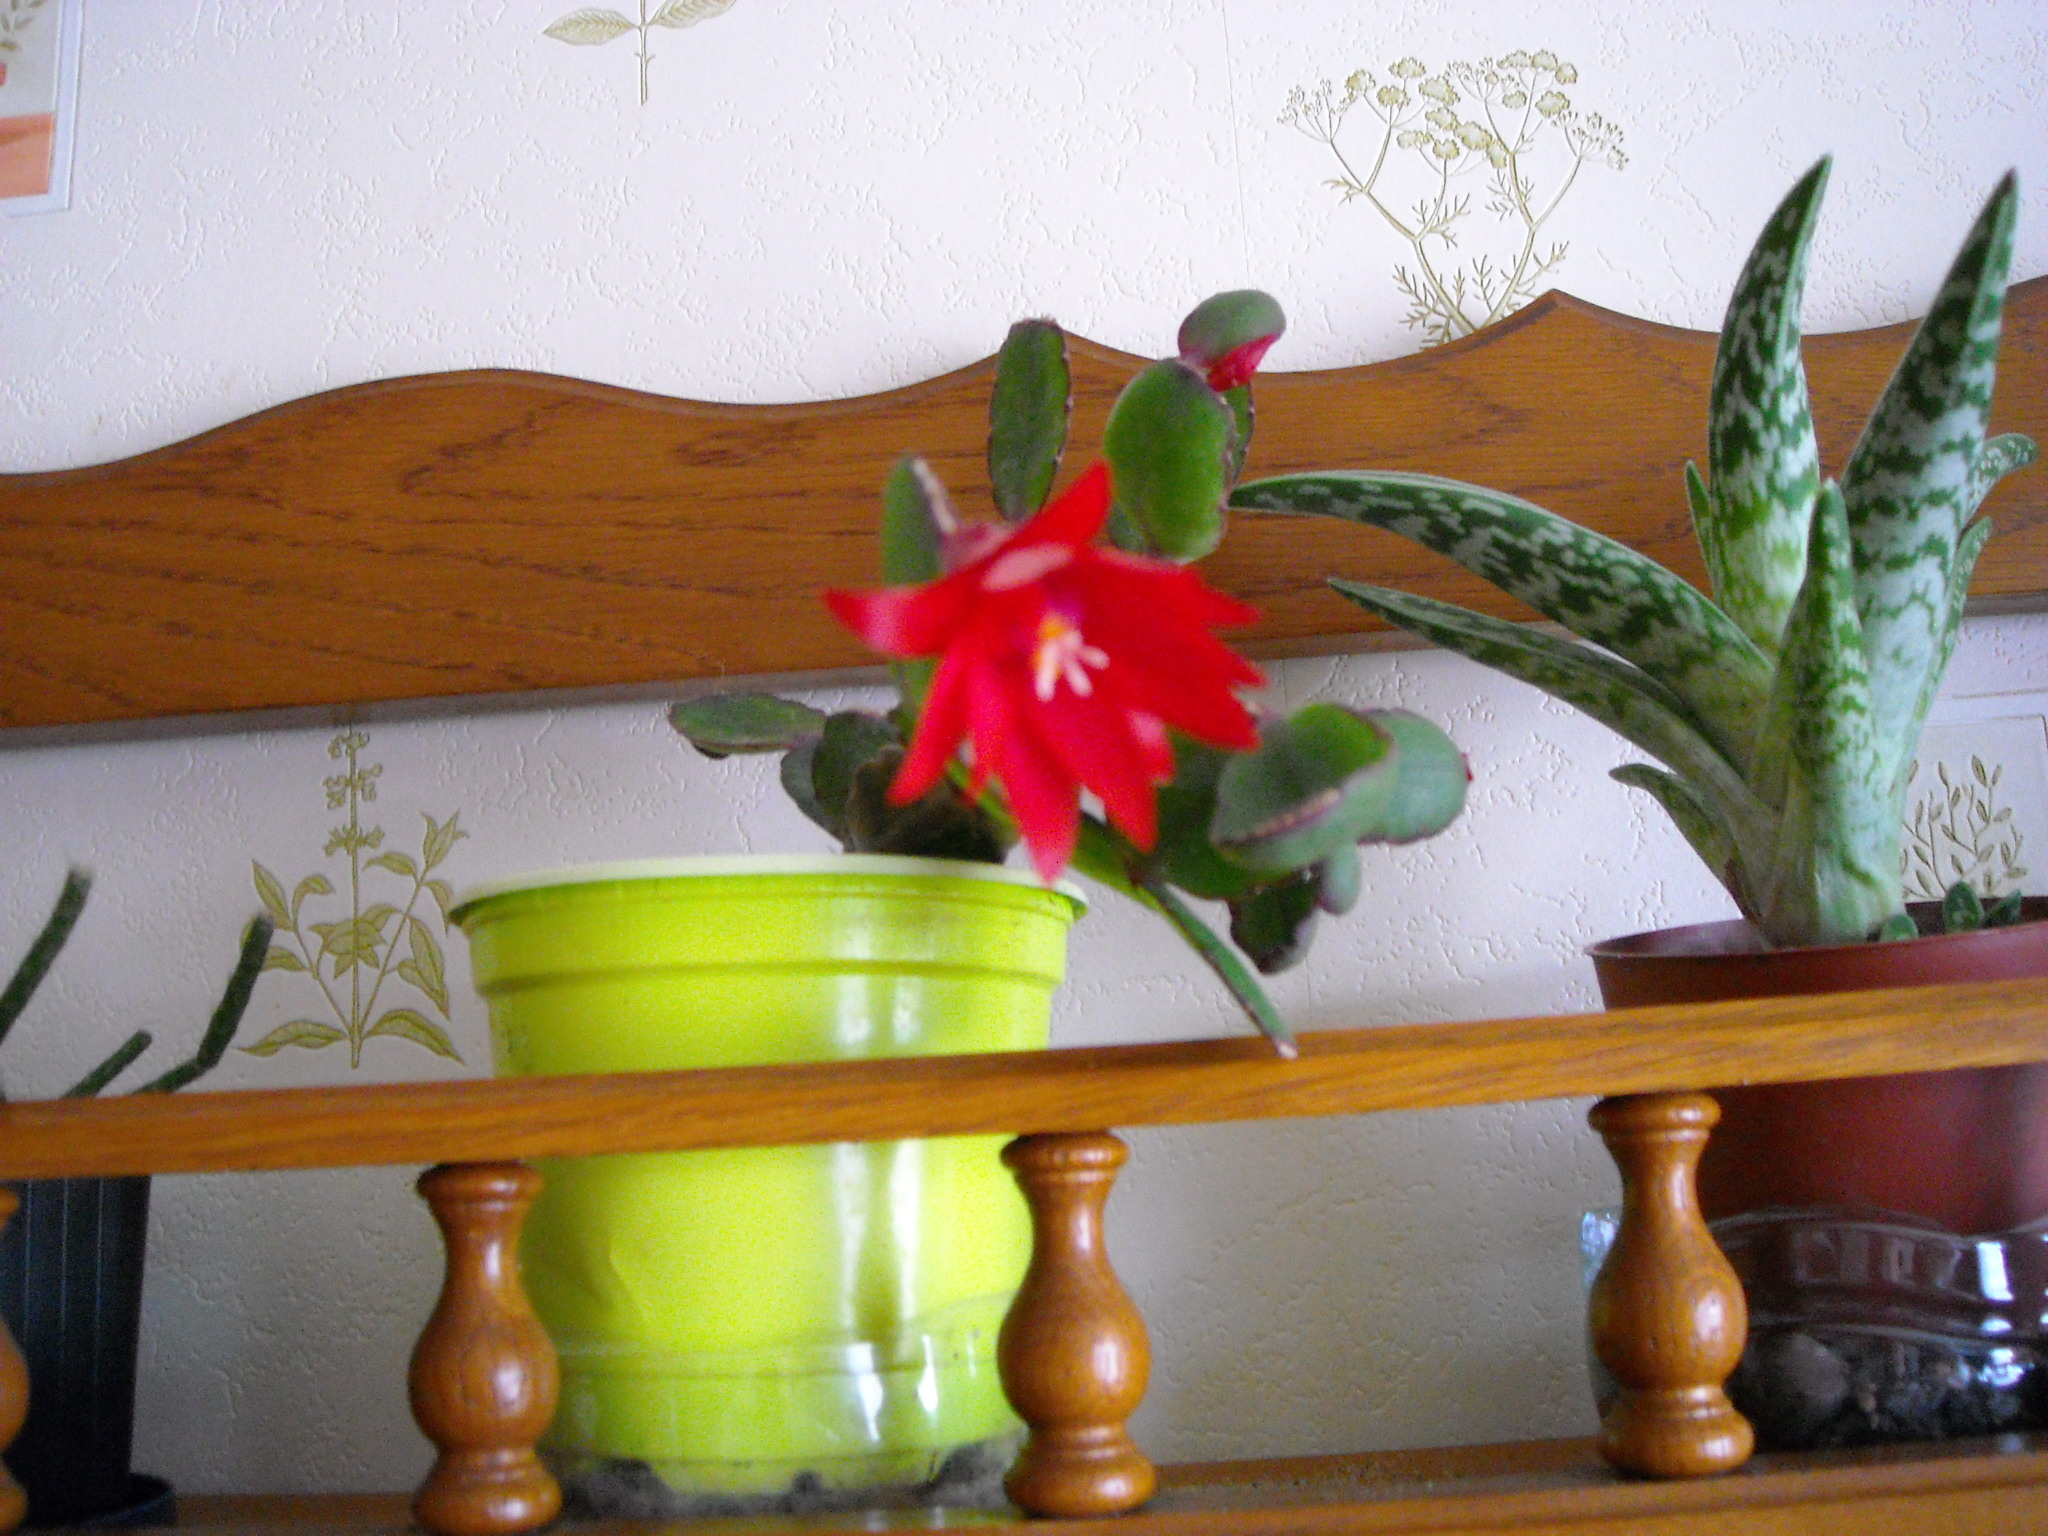 cactus de noel de mamie - Page 2 595166hoyaetautre006